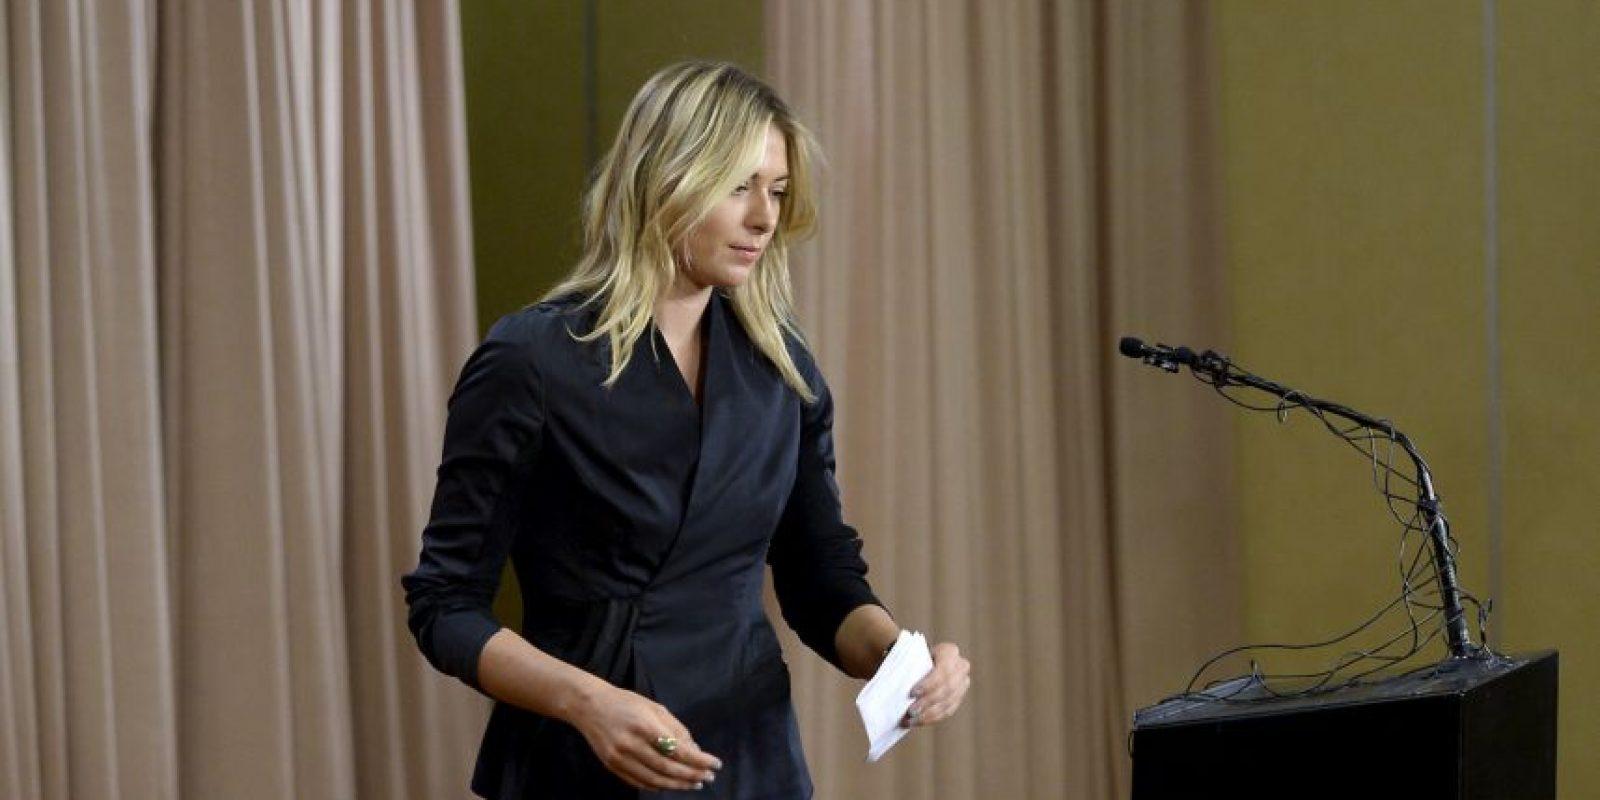 Confesó que dio positivo por meldonium en el Abierto de Australia Foto:Getty Images